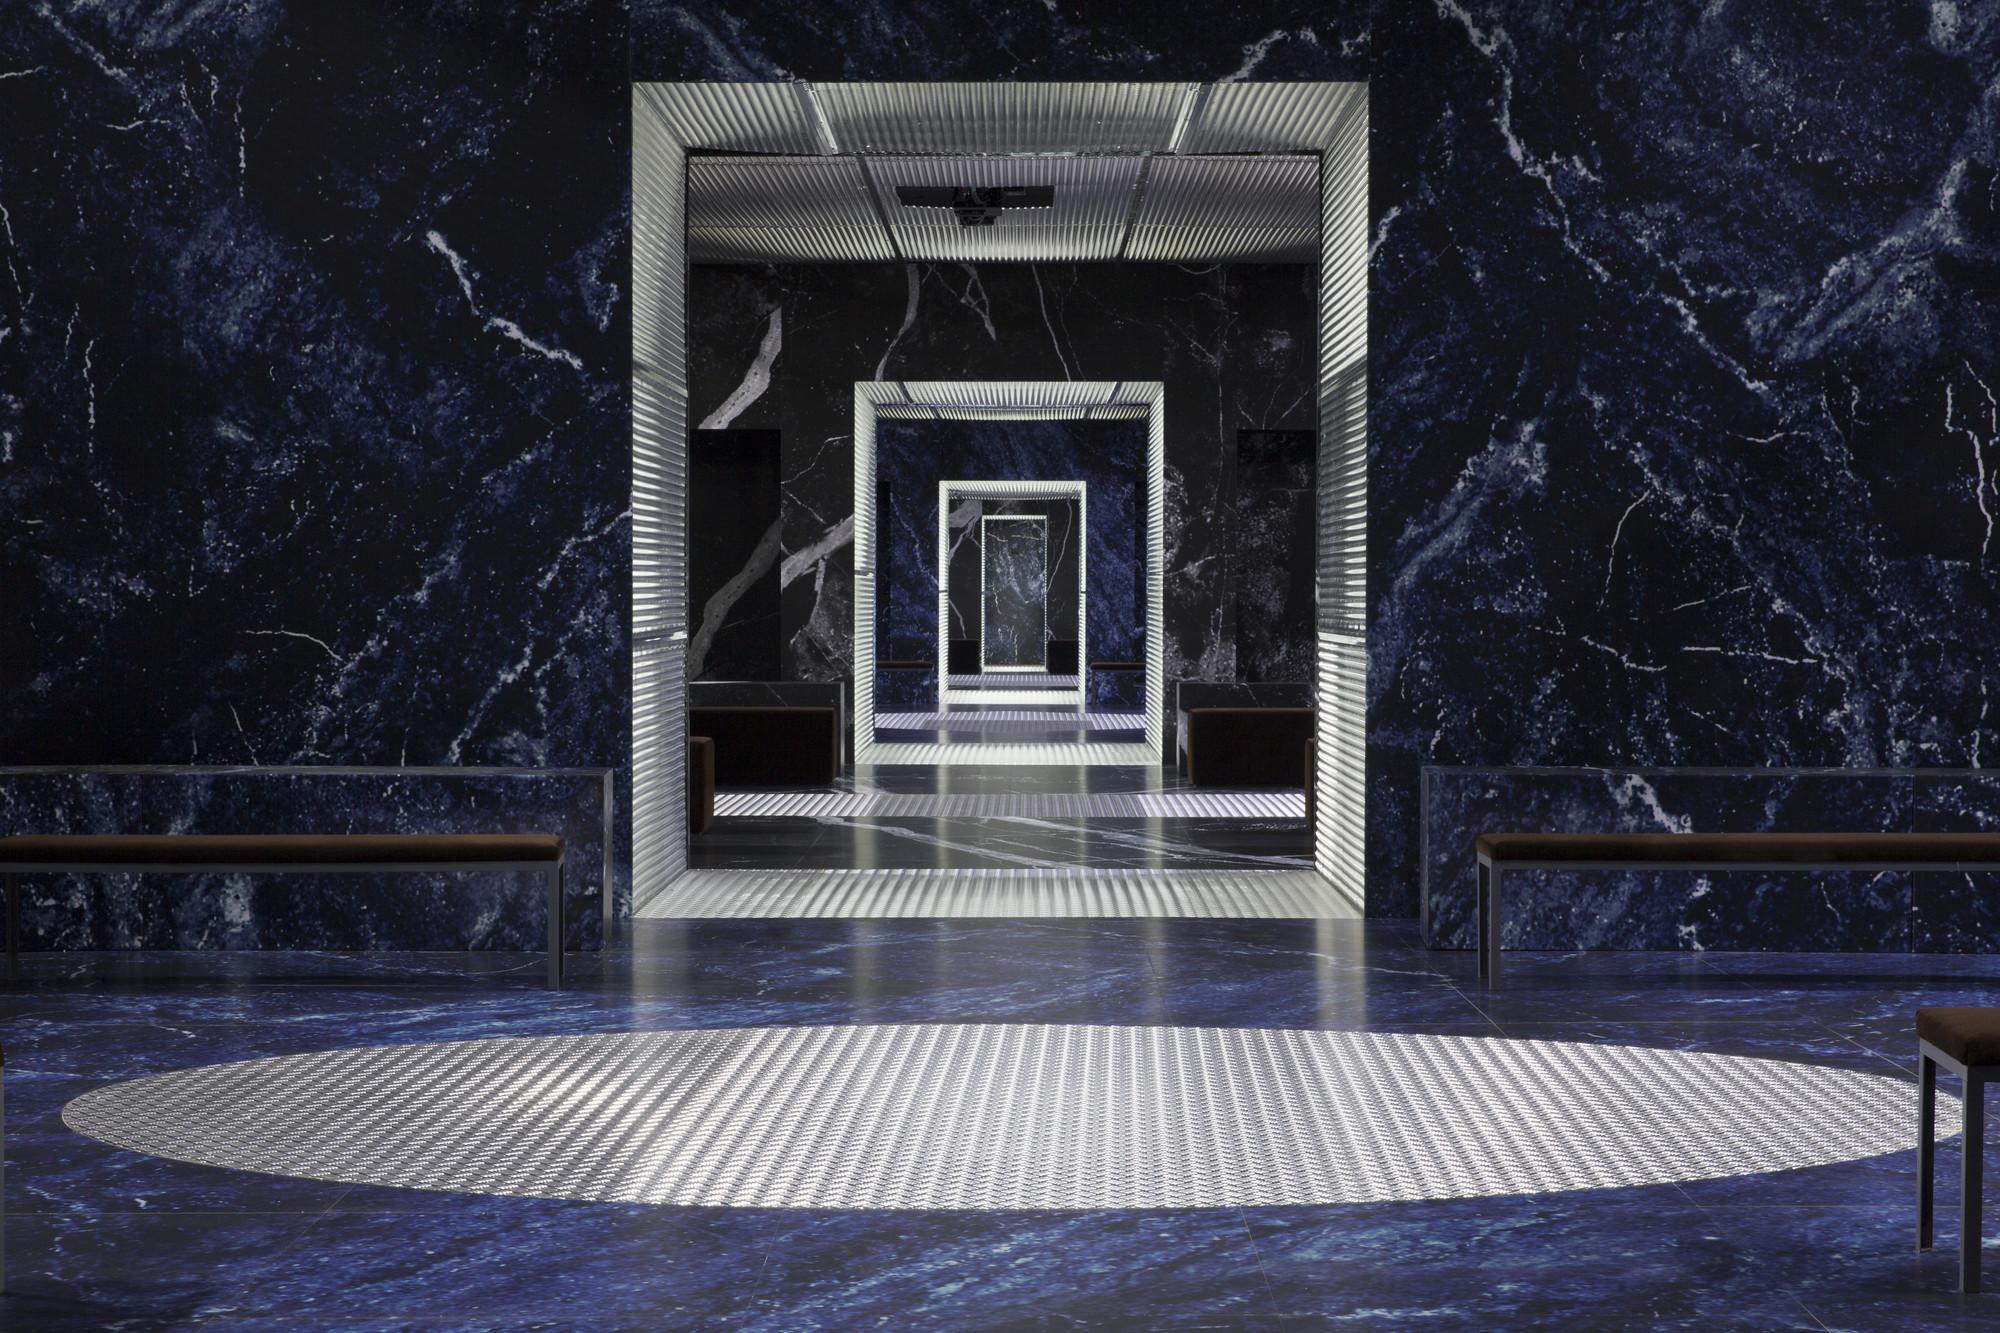 """Prada lanza su última colección masculina FW2015 en el """"Palacio Infinito"""" diseñado por OMA, © Agostino Osio; OMA and Prada"""